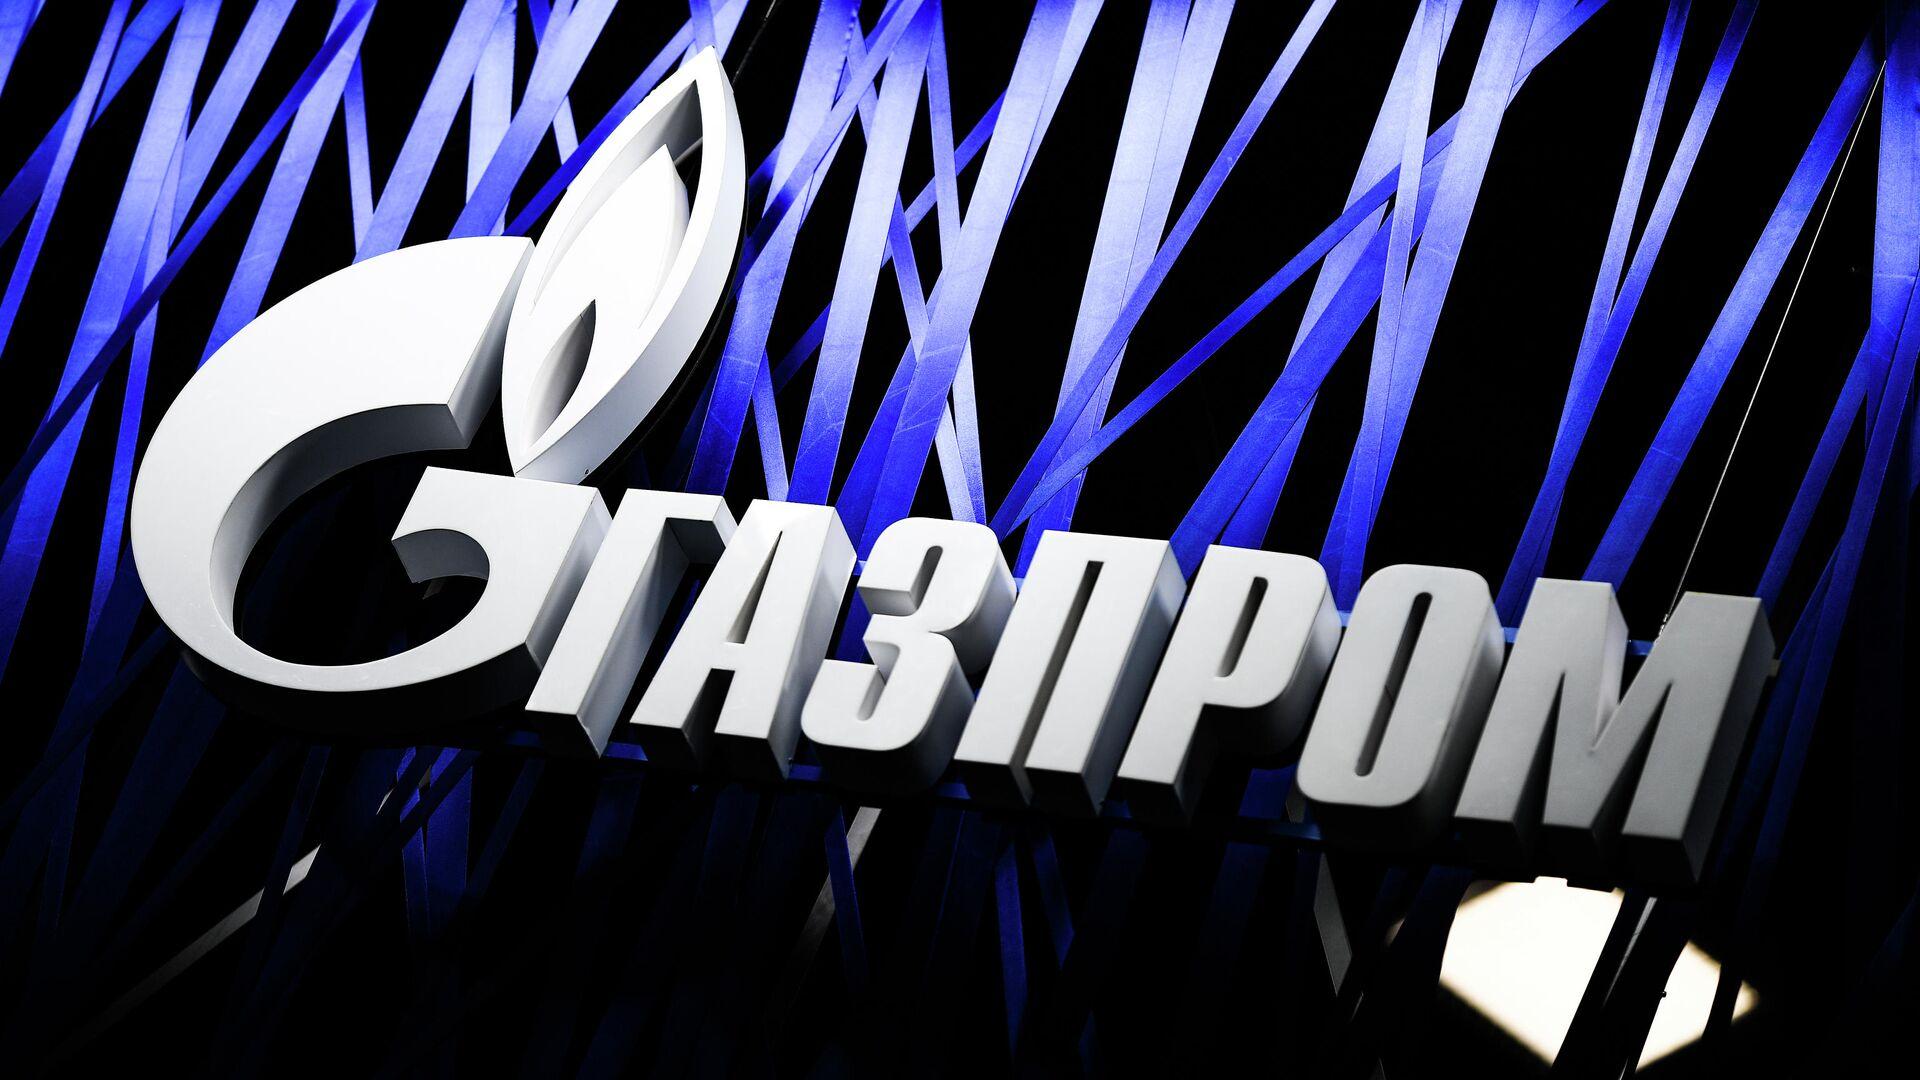 Логотип энергетической компании Газпром - РИА Новости, 1920, 02.08.2021